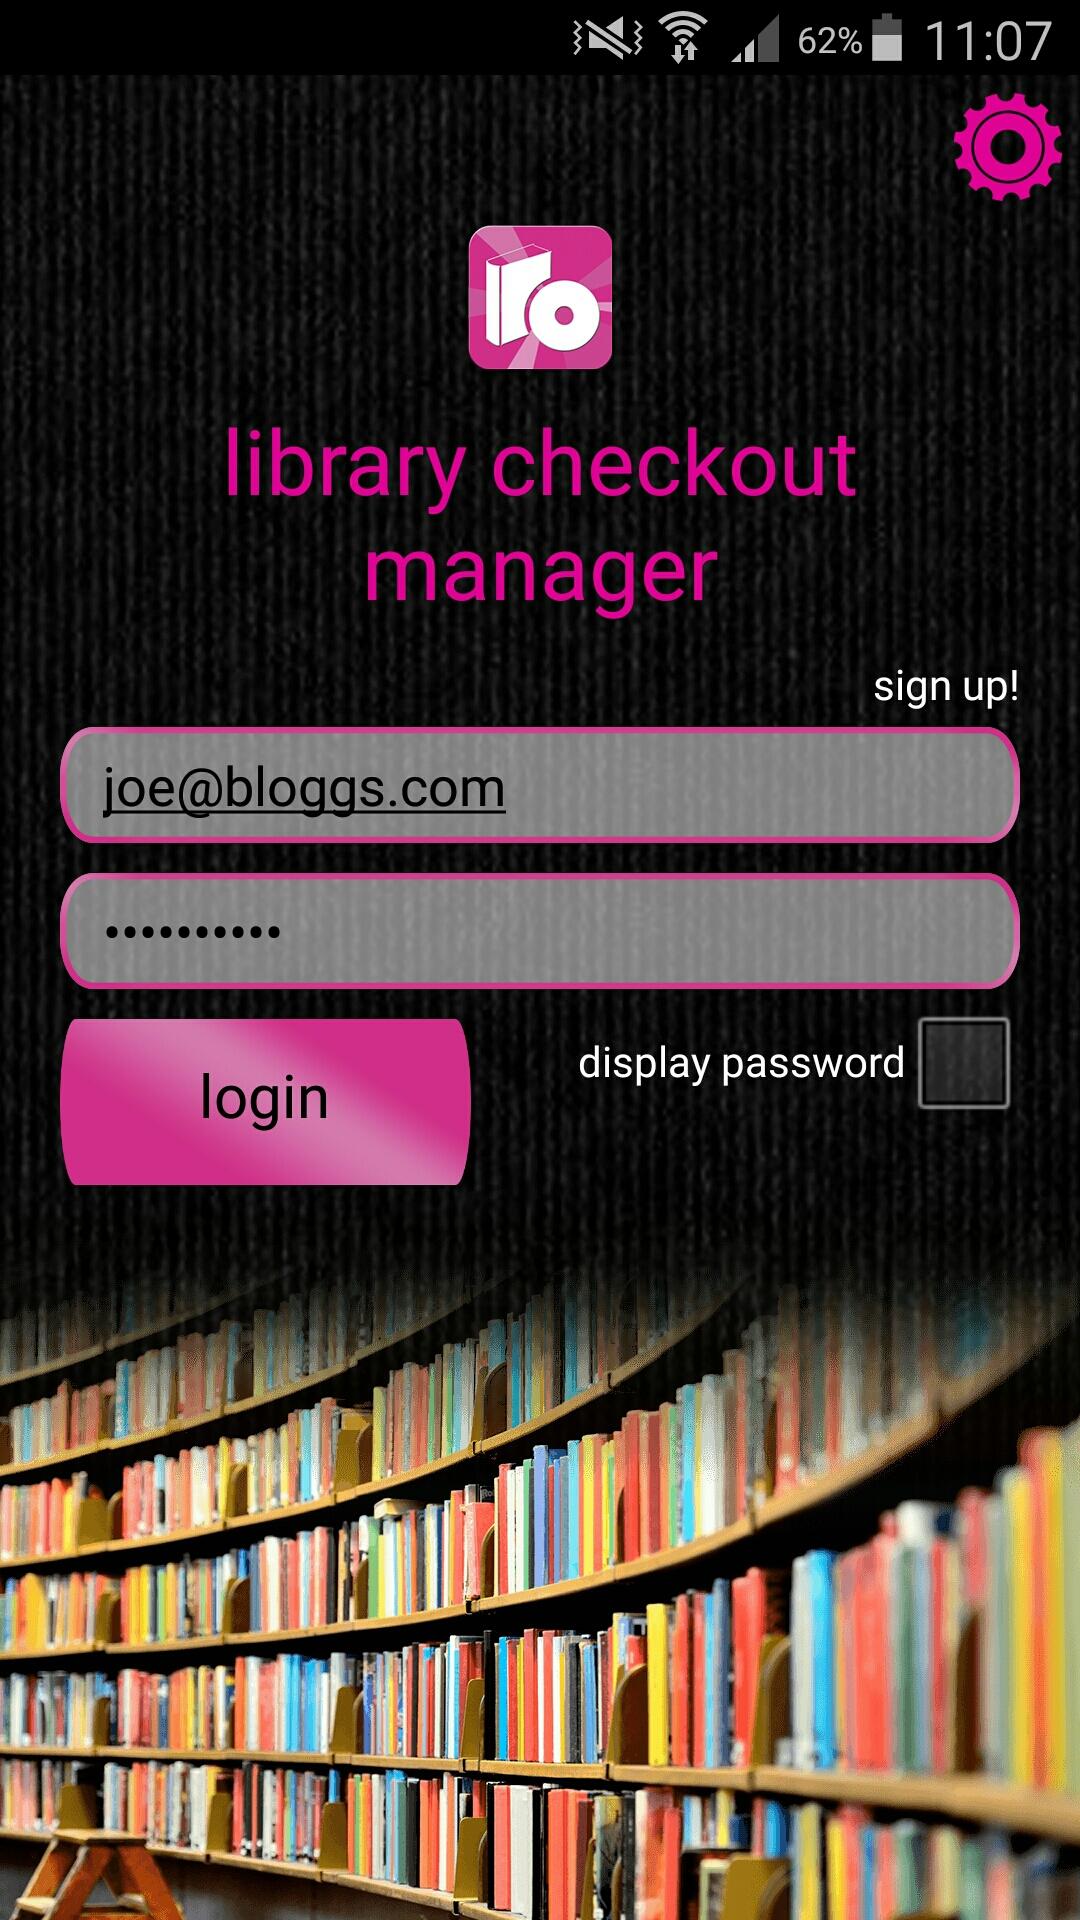 ginstr_app_libraryCheckoutManager_EN-2